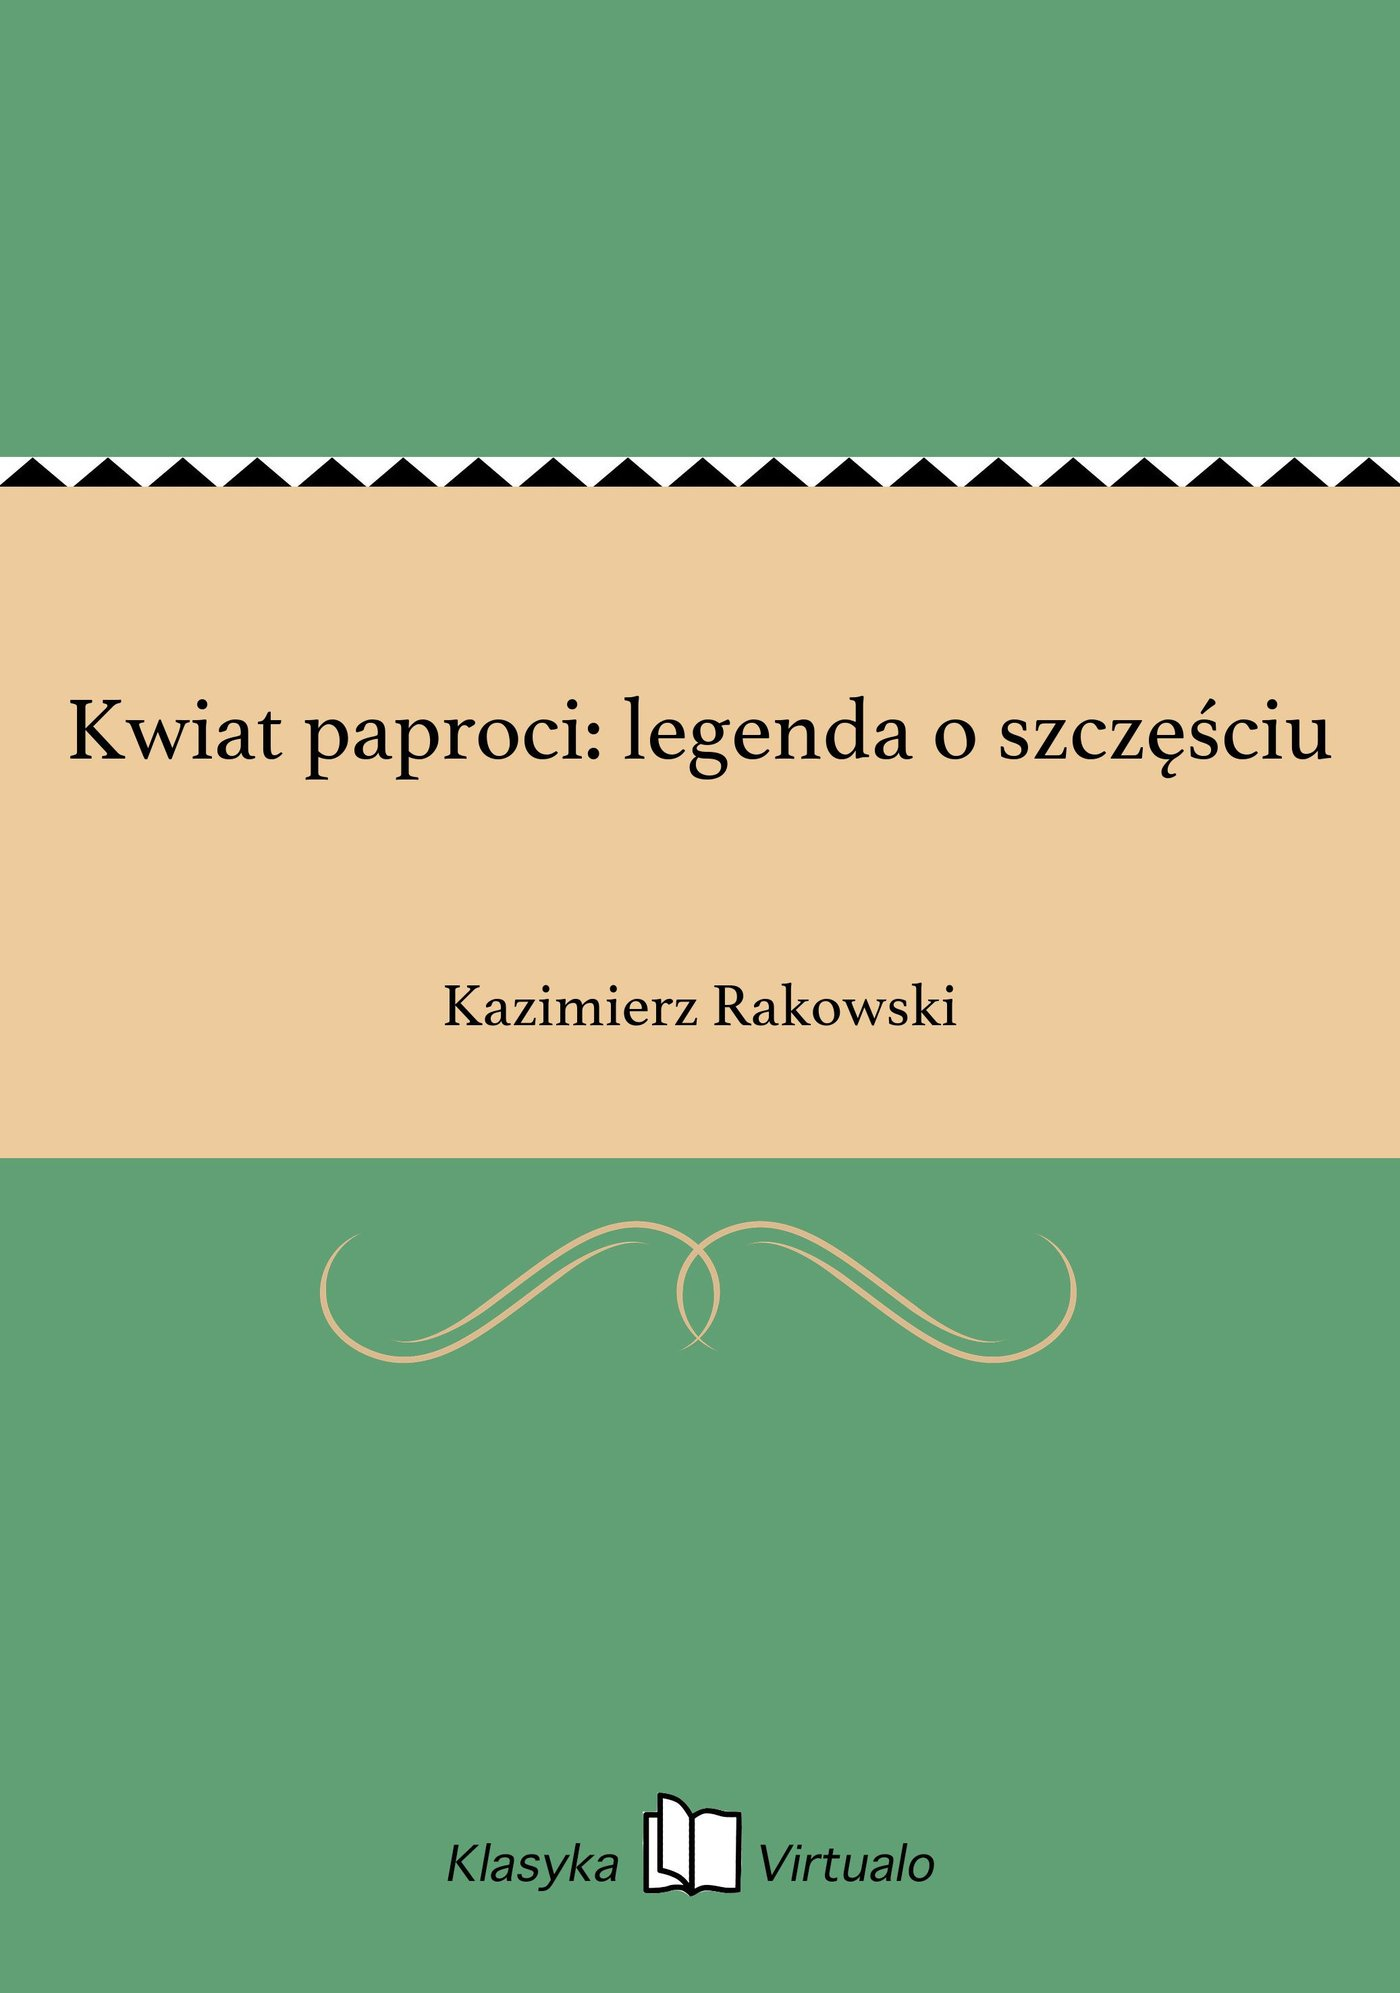 Kwiat paproci: legenda o szczęściu - Ebook (Książka EPUB) do pobrania w formacie EPUB